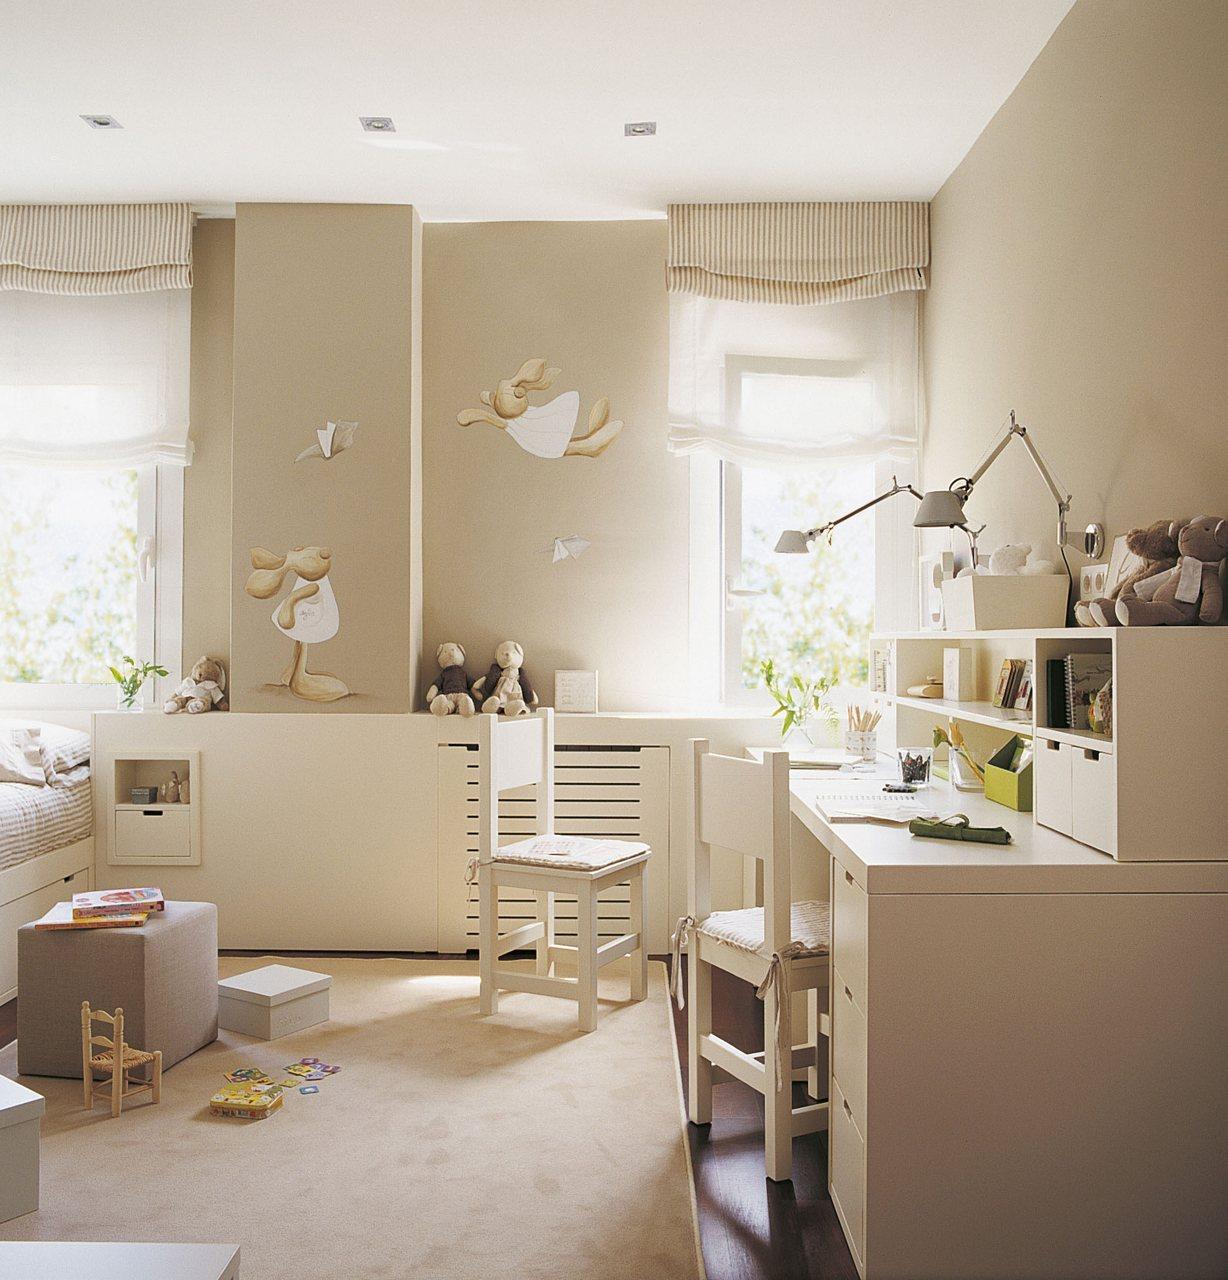 Claves de decoraci n de una habitaci n infantil - El mueble decoracion dormitorios ...